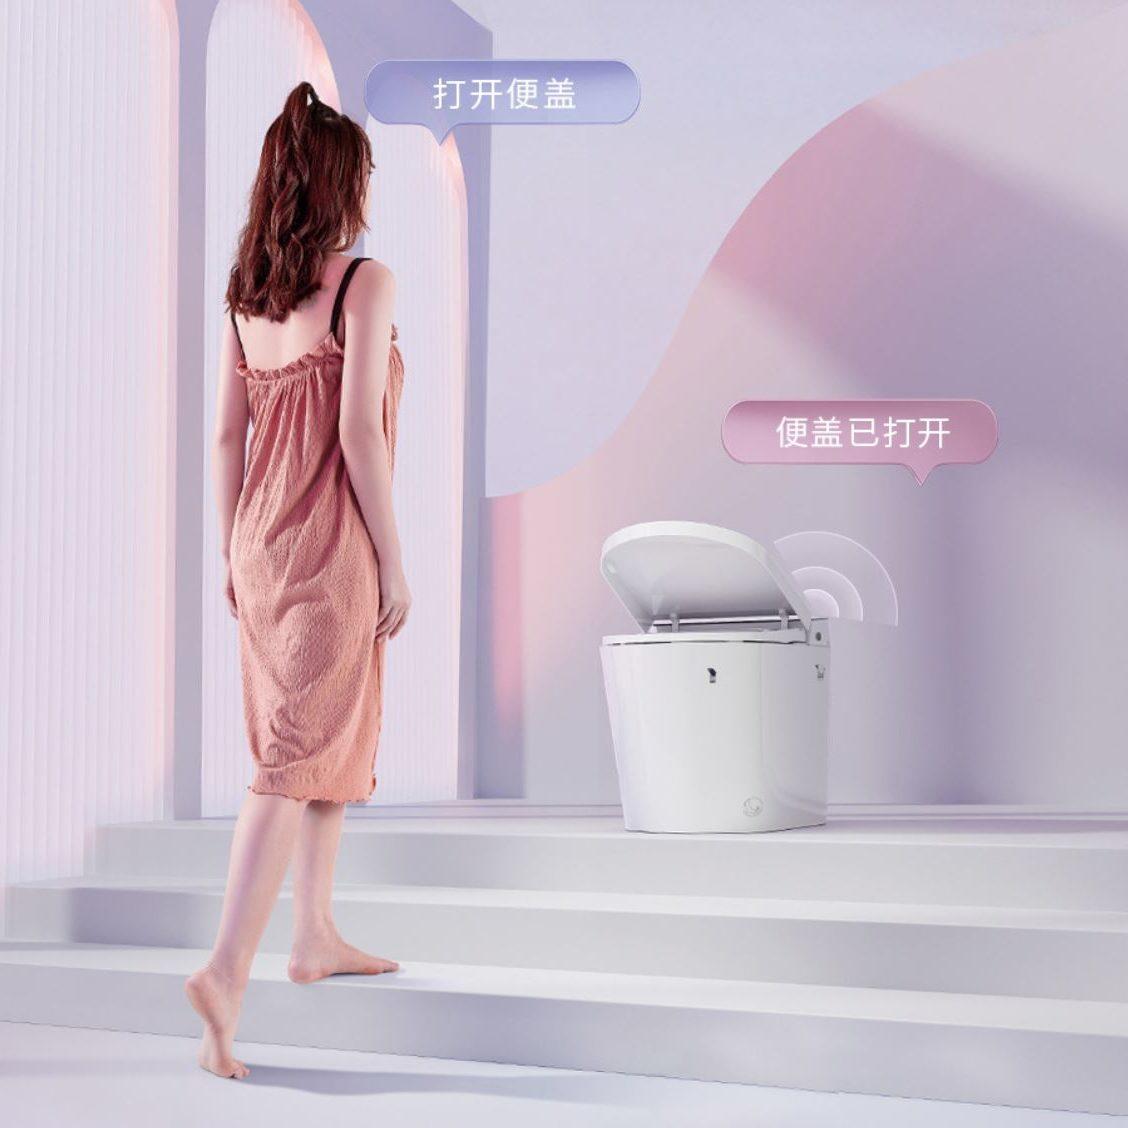 Boss und Sekretärin ficken auf der Toilette - honenuki.com